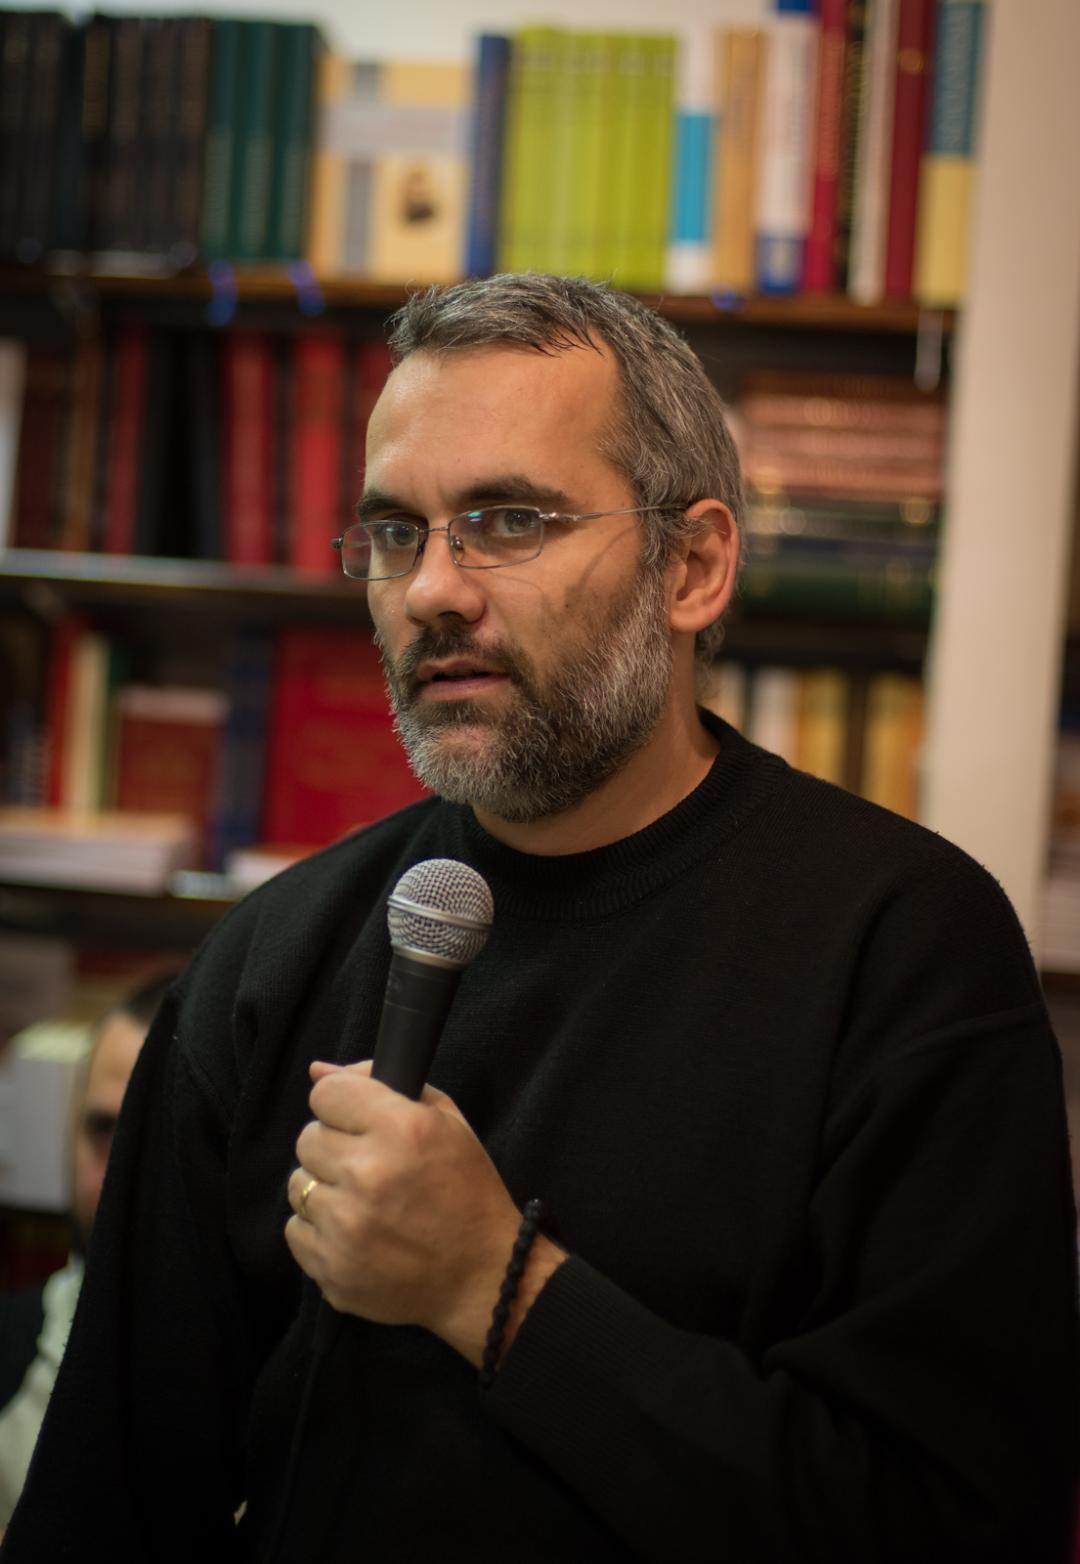 Danion Vasile